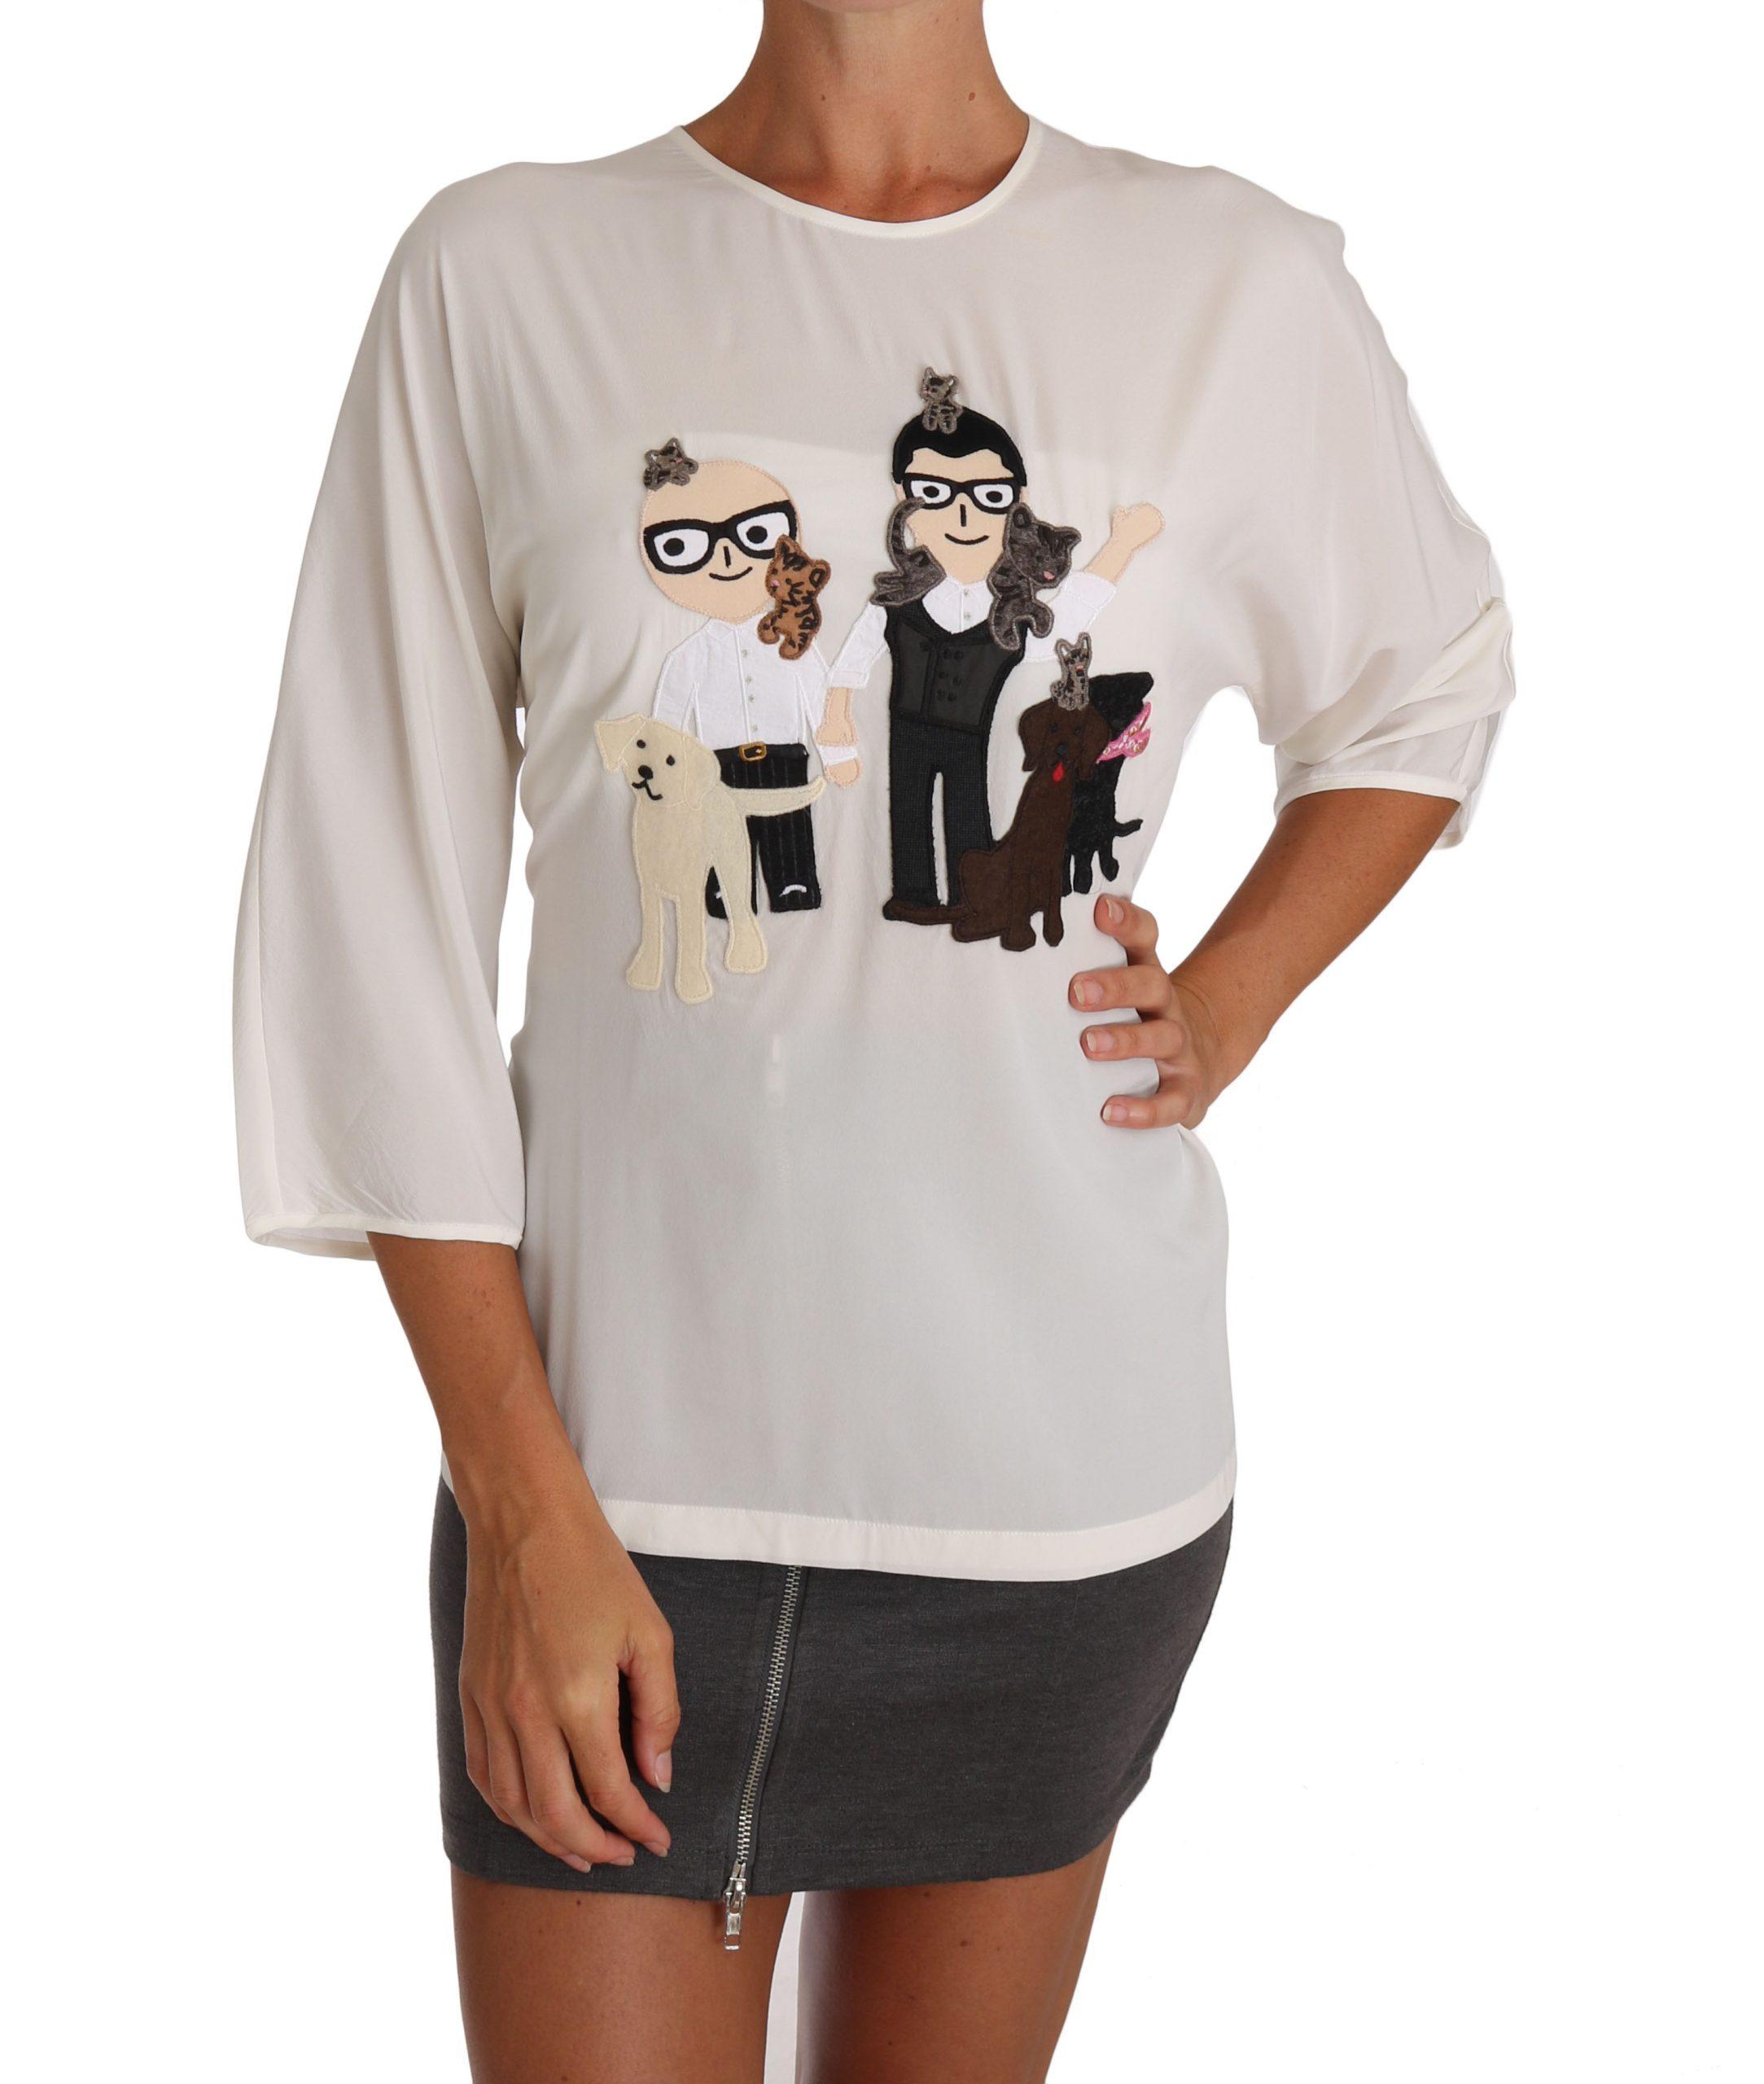 Dolce & Gabbana Women's Silk Crewneck T-Shirts White TSH2672 - IT36   XS